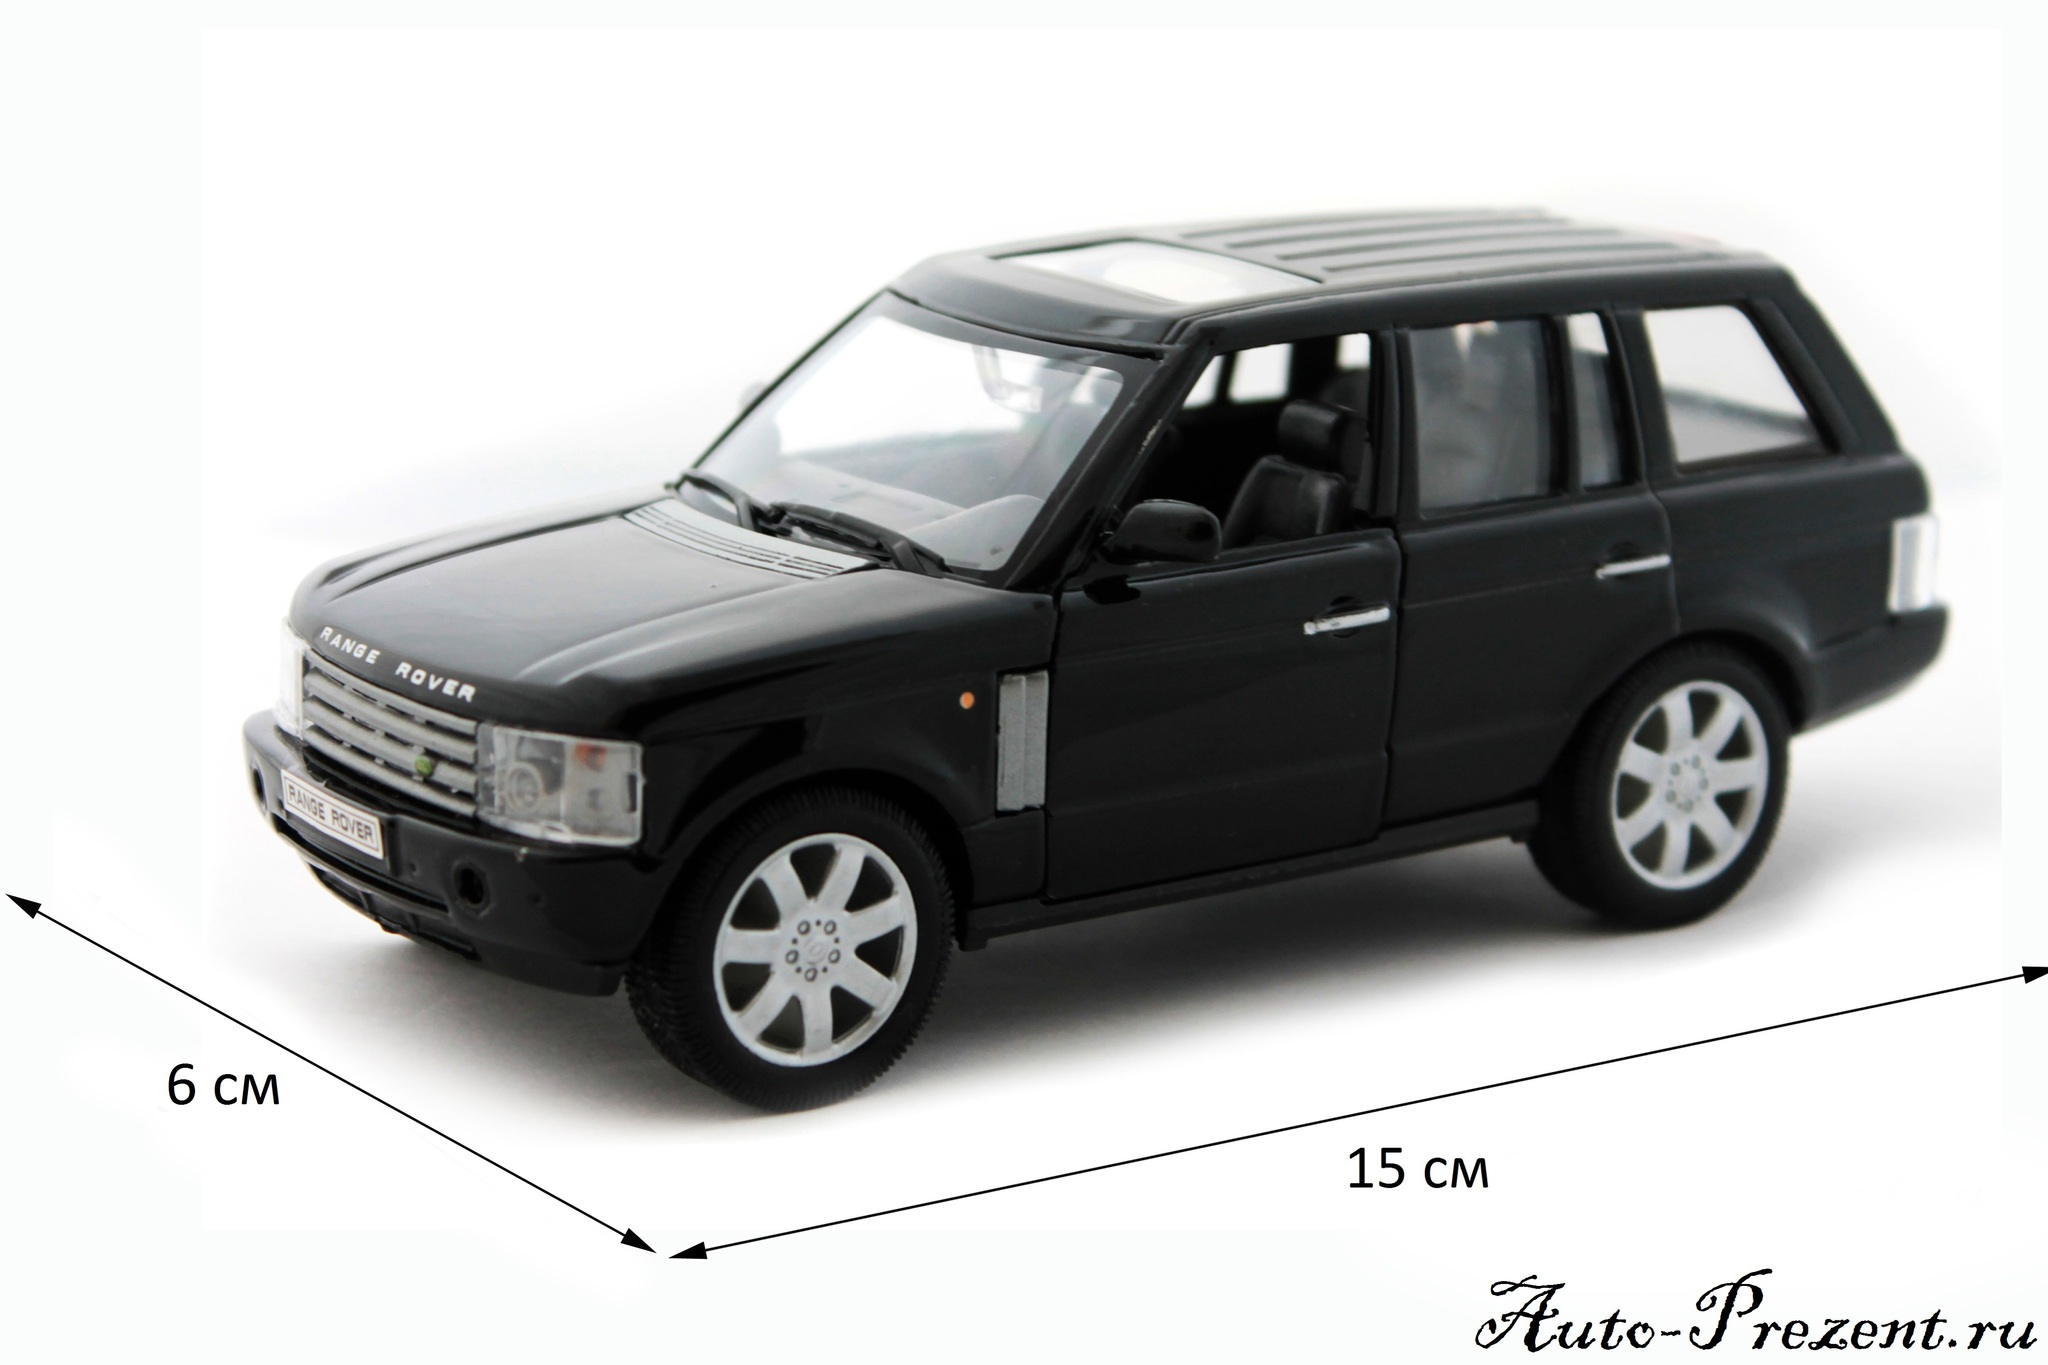 Машинка-игрушка Range Rover